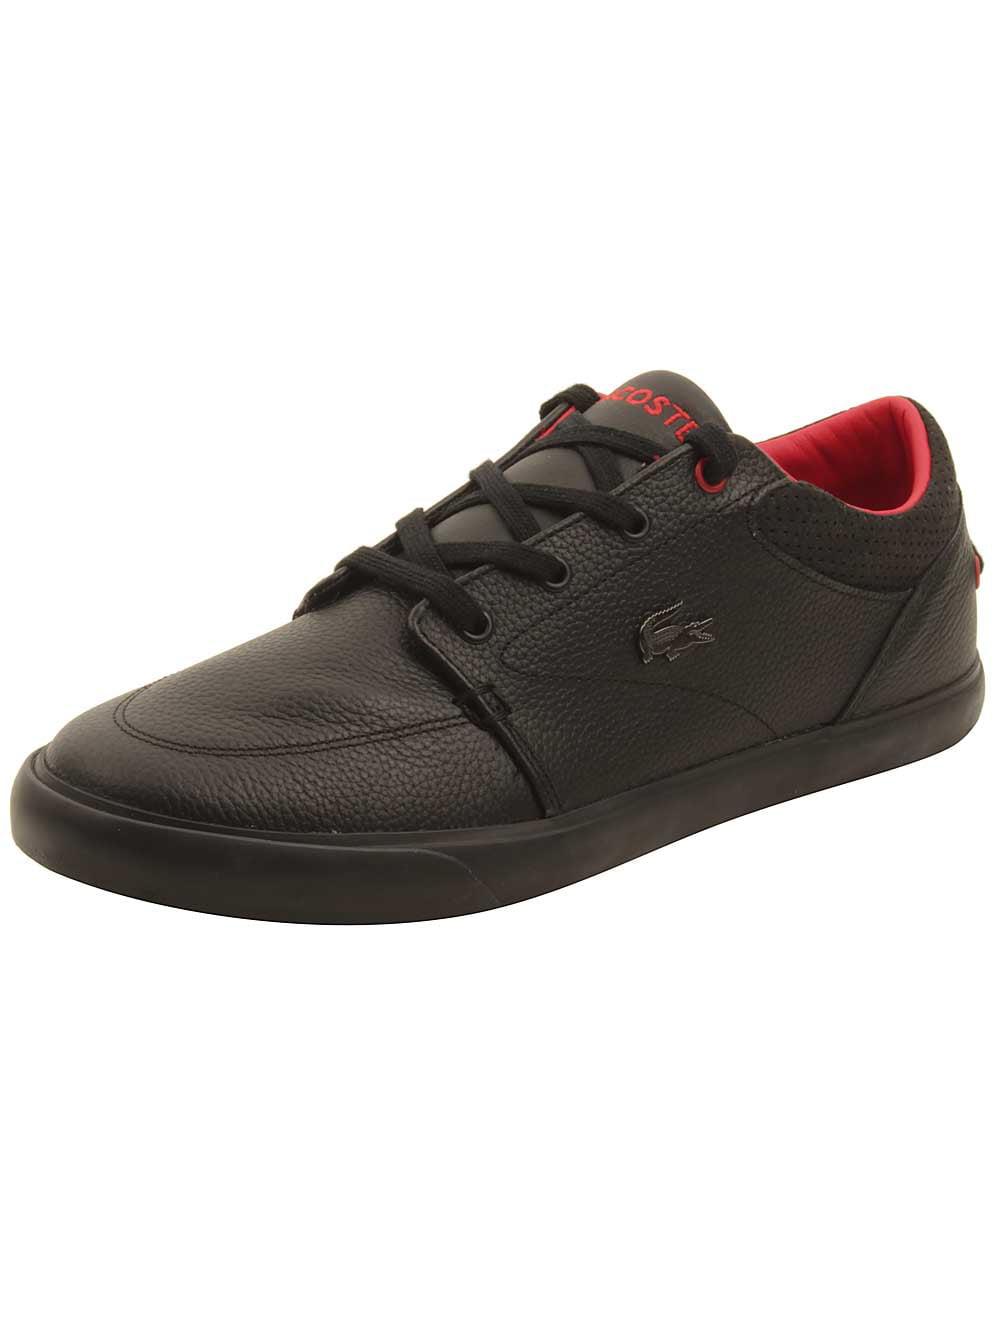 Lacoste Men's Bayliss Vulc 317 Sneaker